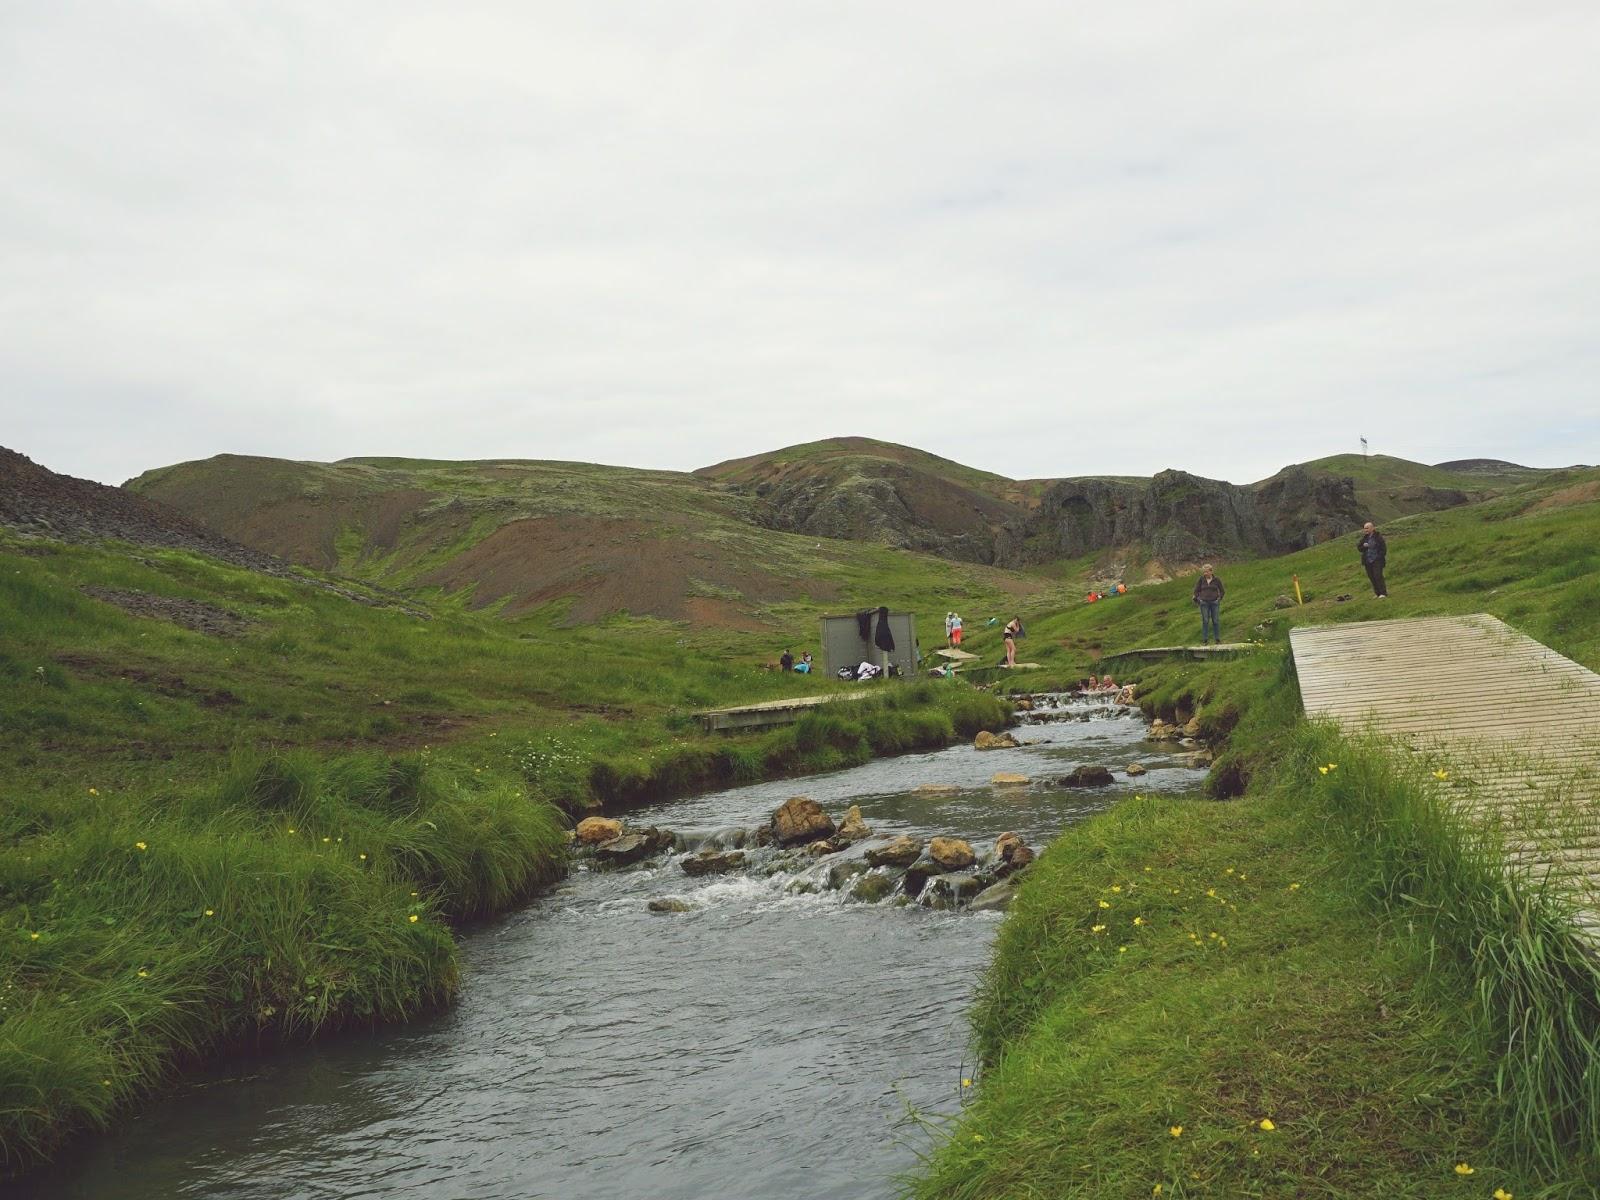 Gorąca rzeka Reykjadalur, Reykjadalur, gorąca rzeka, kąpiel w gorącej rzece, źródła geotermalne